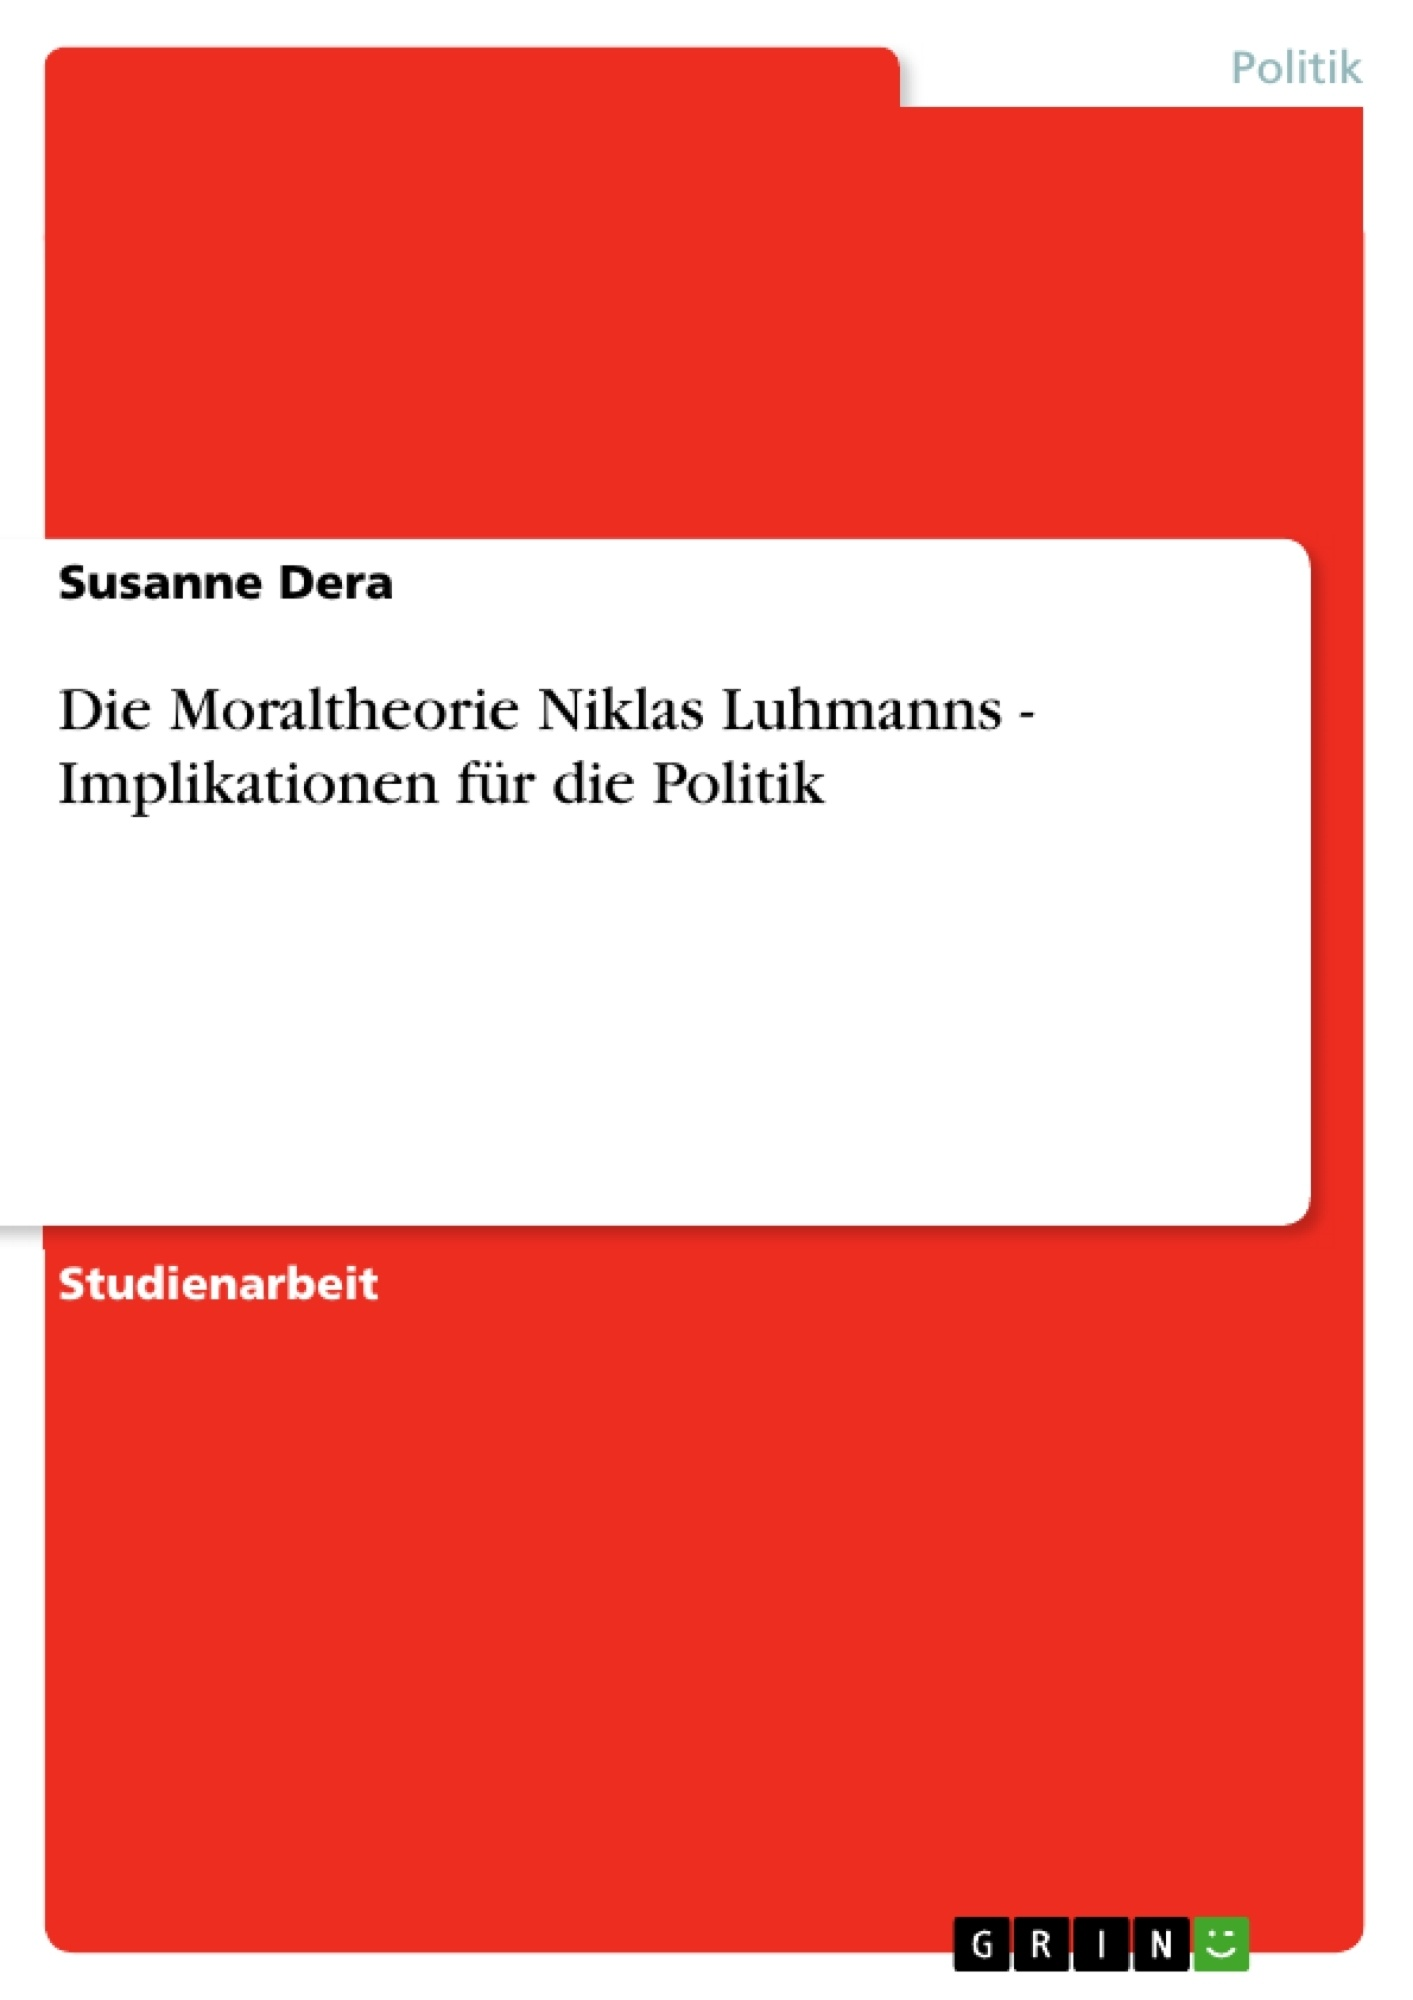 Titel: Die Moraltheorie Niklas Luhmanns  - Implikationen für die Politik